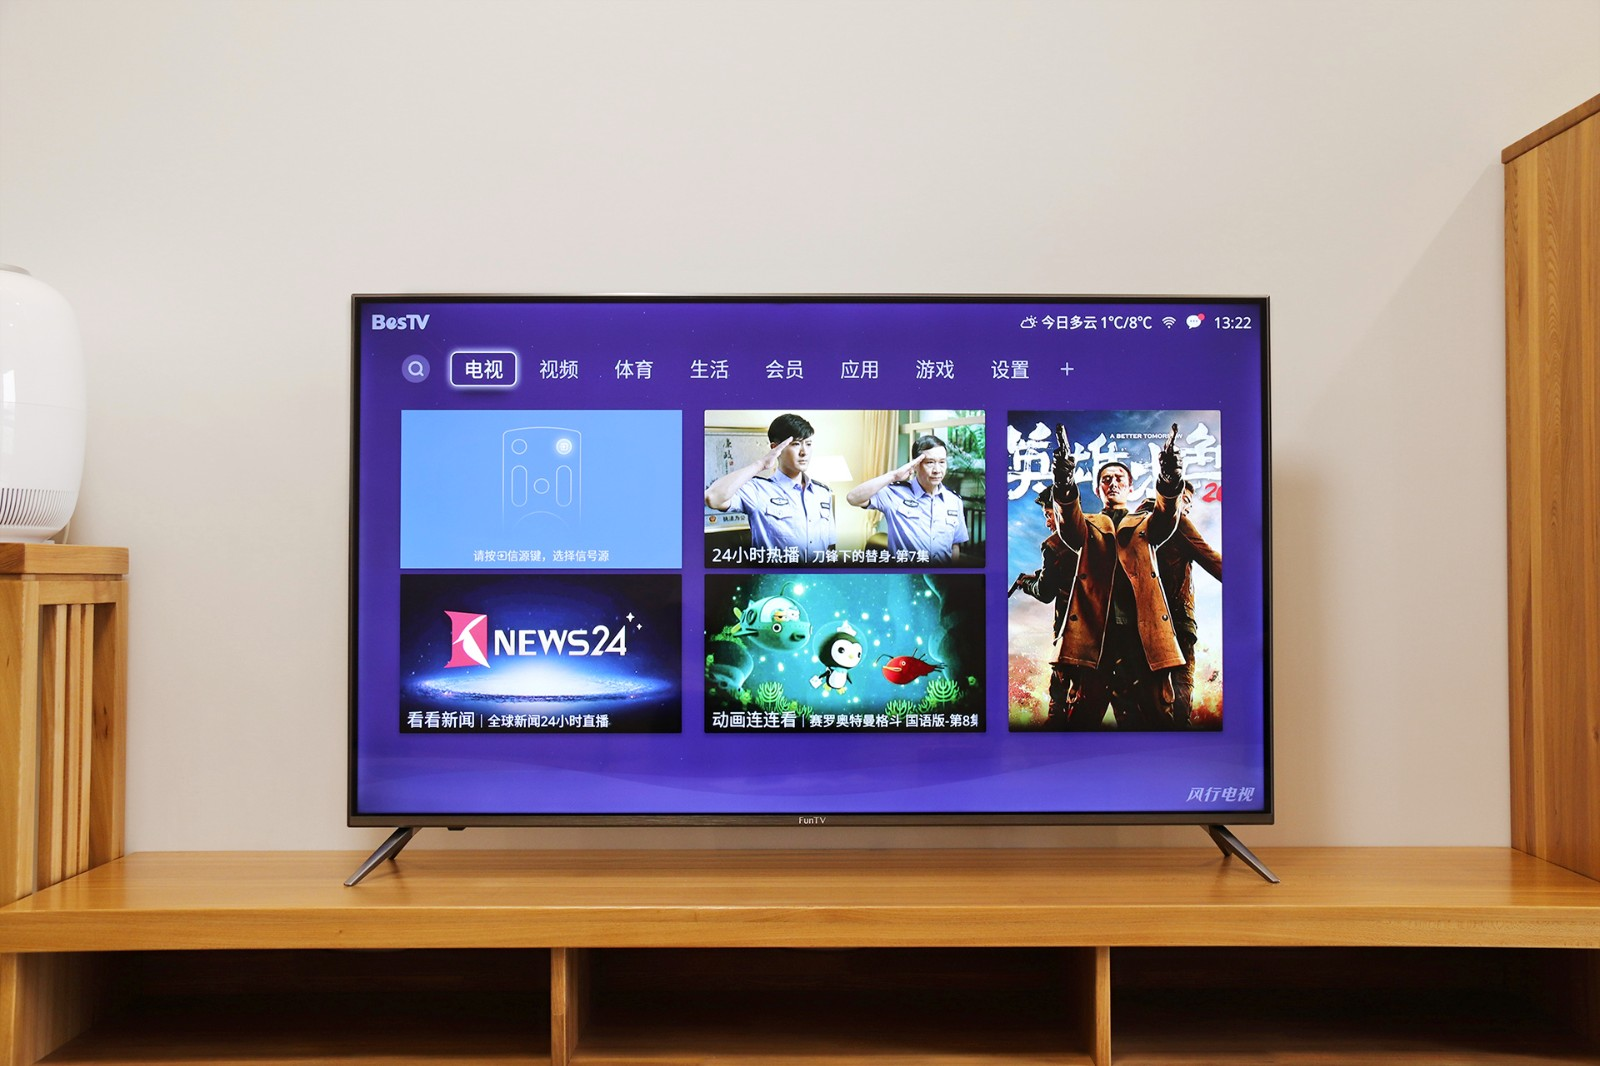 拯救新家枯燥的客厅——风行Q55量子点液晶电视体验